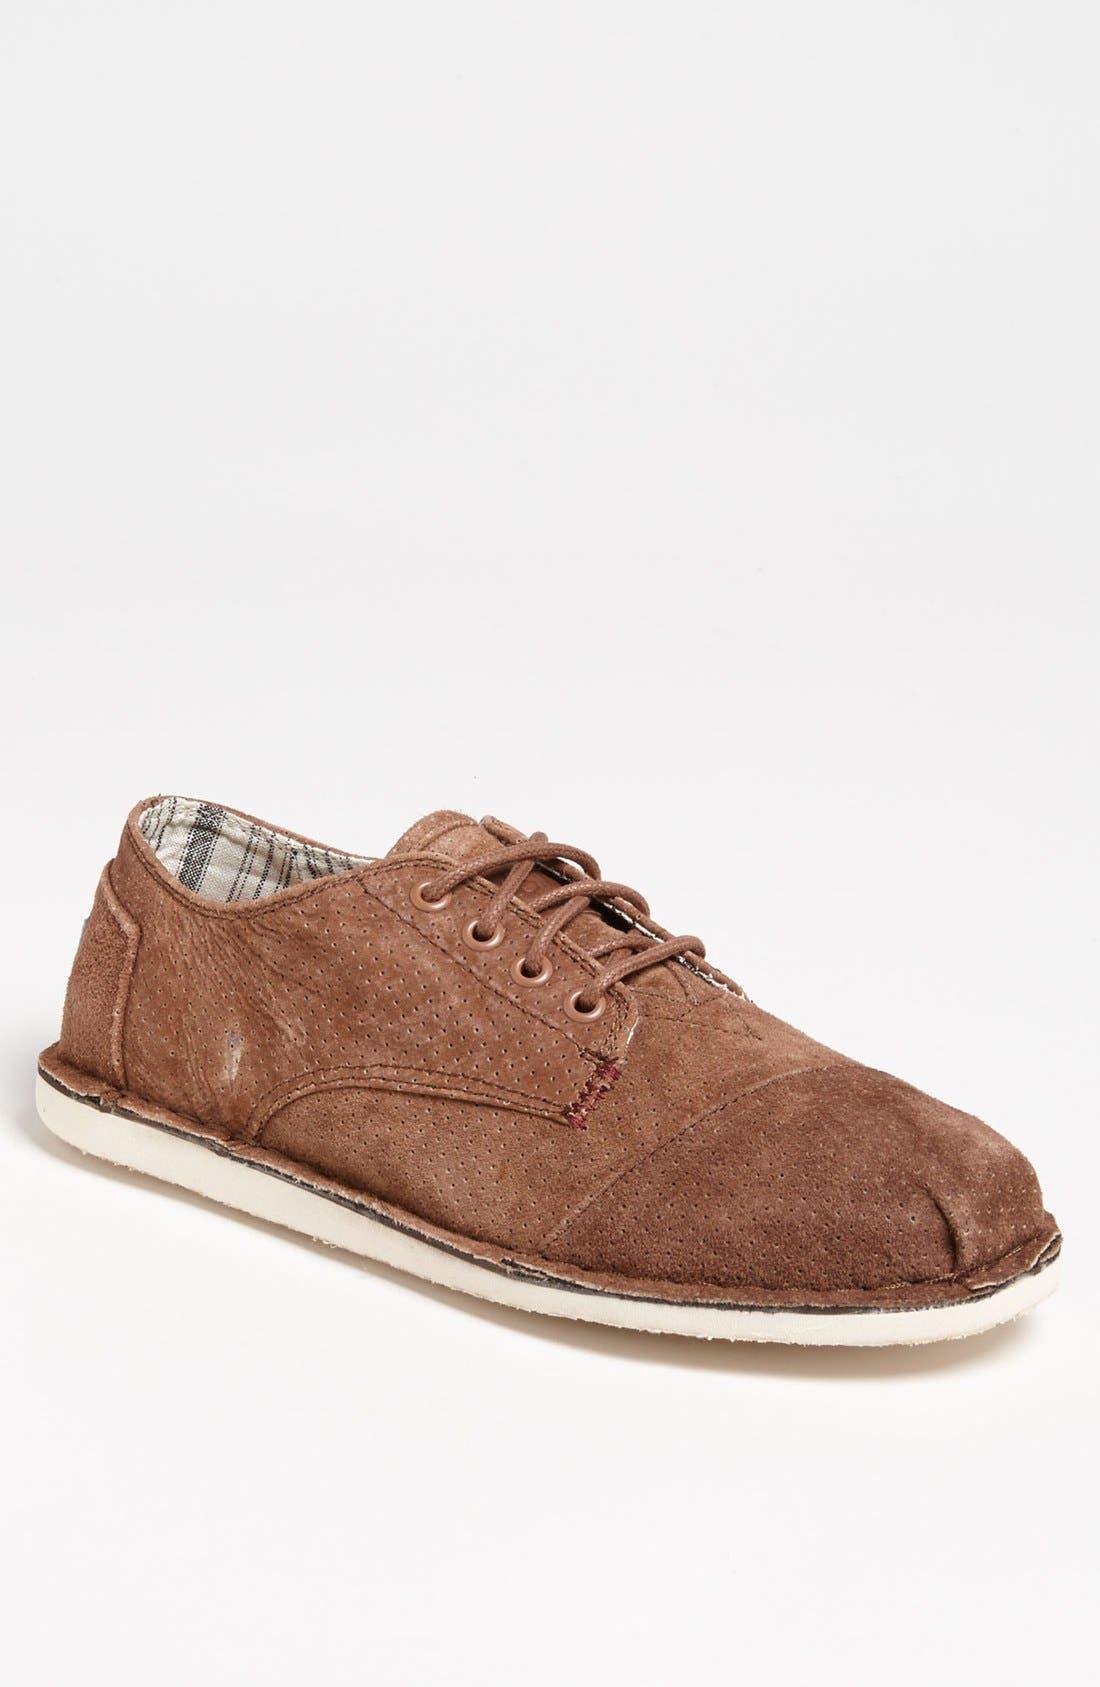 Main Image - TOMS 'Desert' Perforated Suede Sneaker (Men)